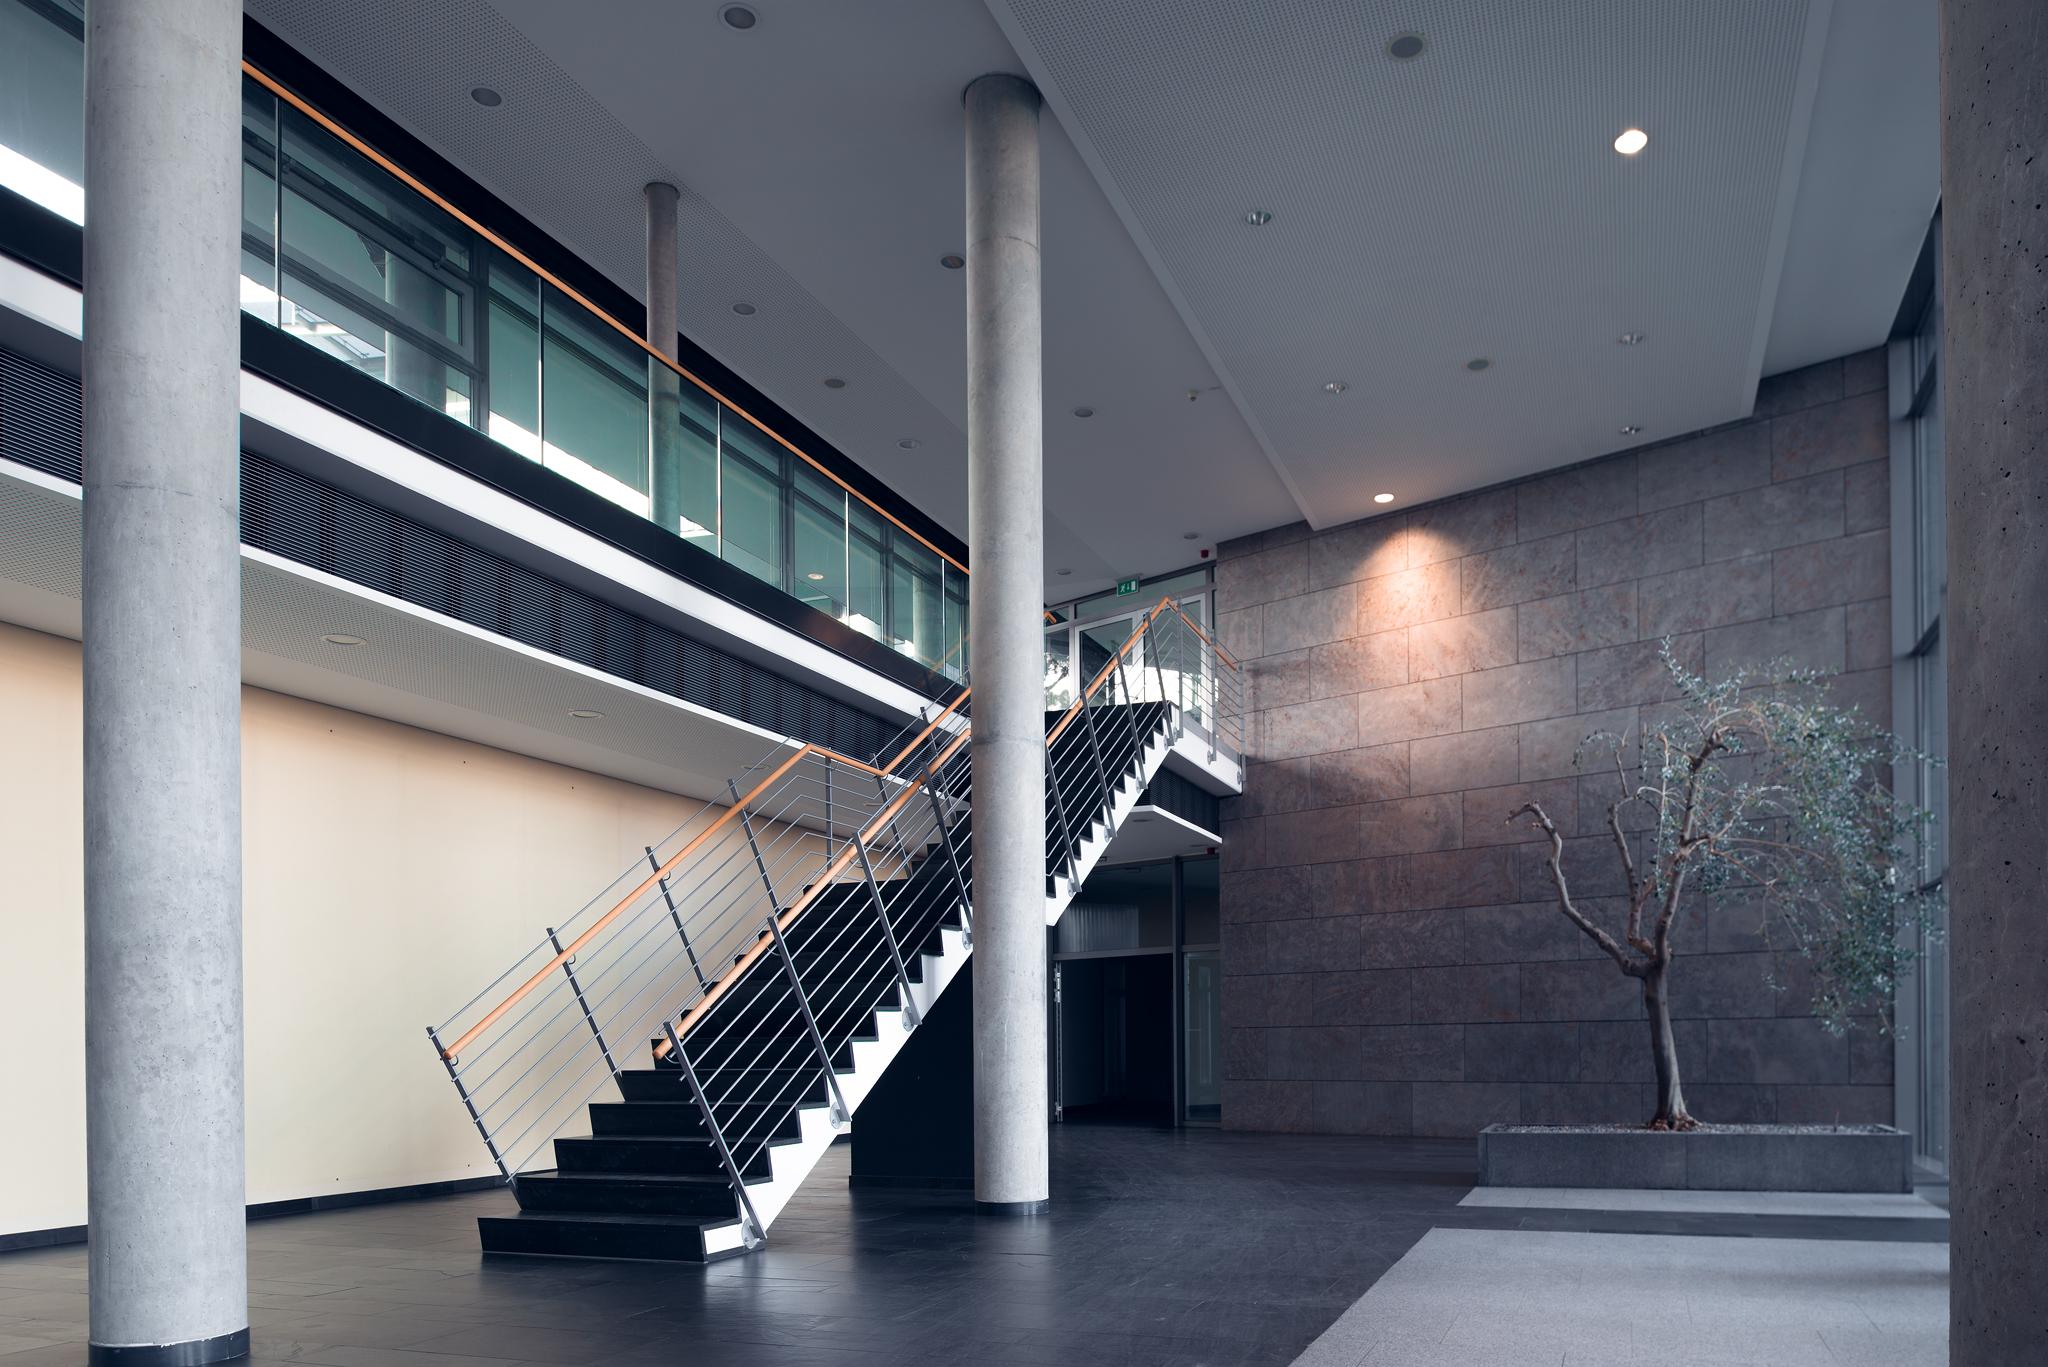 Mainz Innenaufnahme Gewerbeimmobilie halle Treppenhaus Industrie